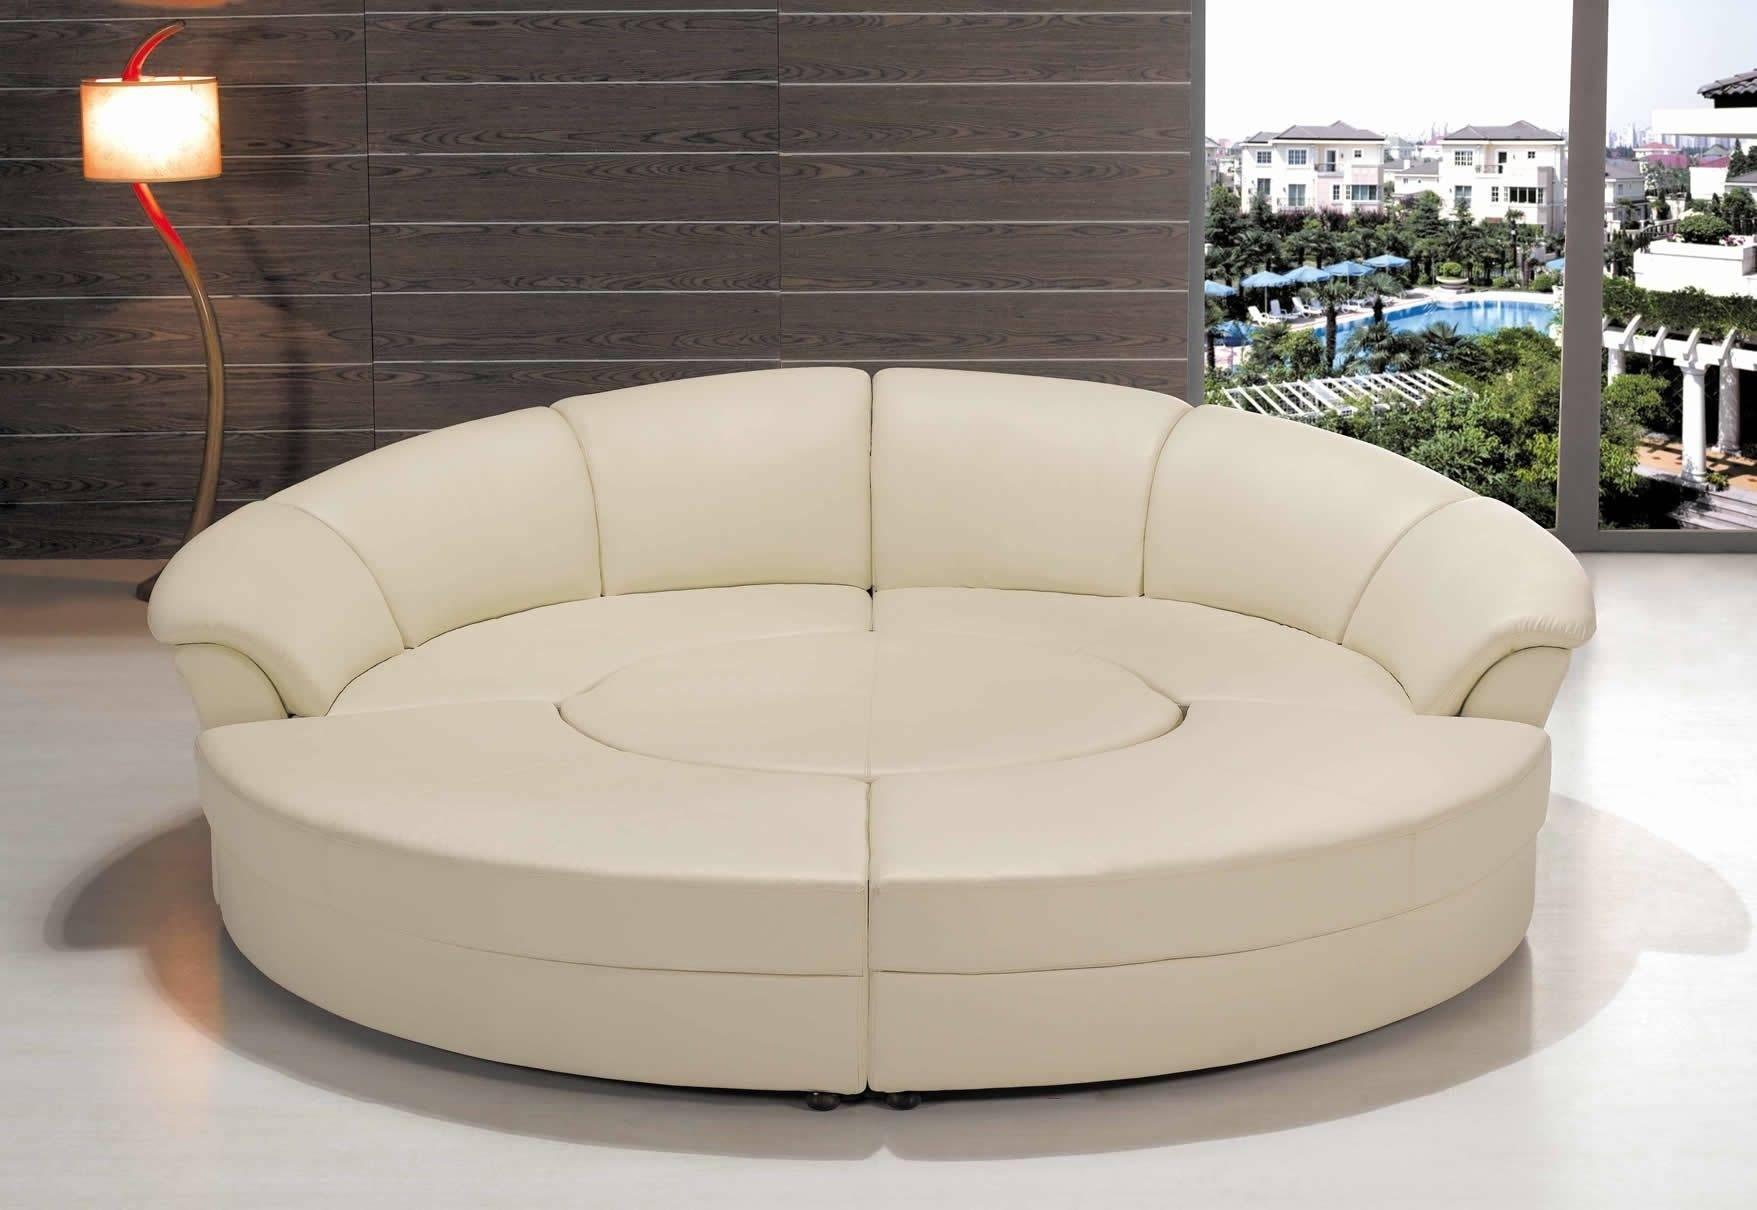 Interior Design. Semi Circle Couch Sofa: Semi Circle Couch Sofa in Semi Sofas (Image 8 of 15)